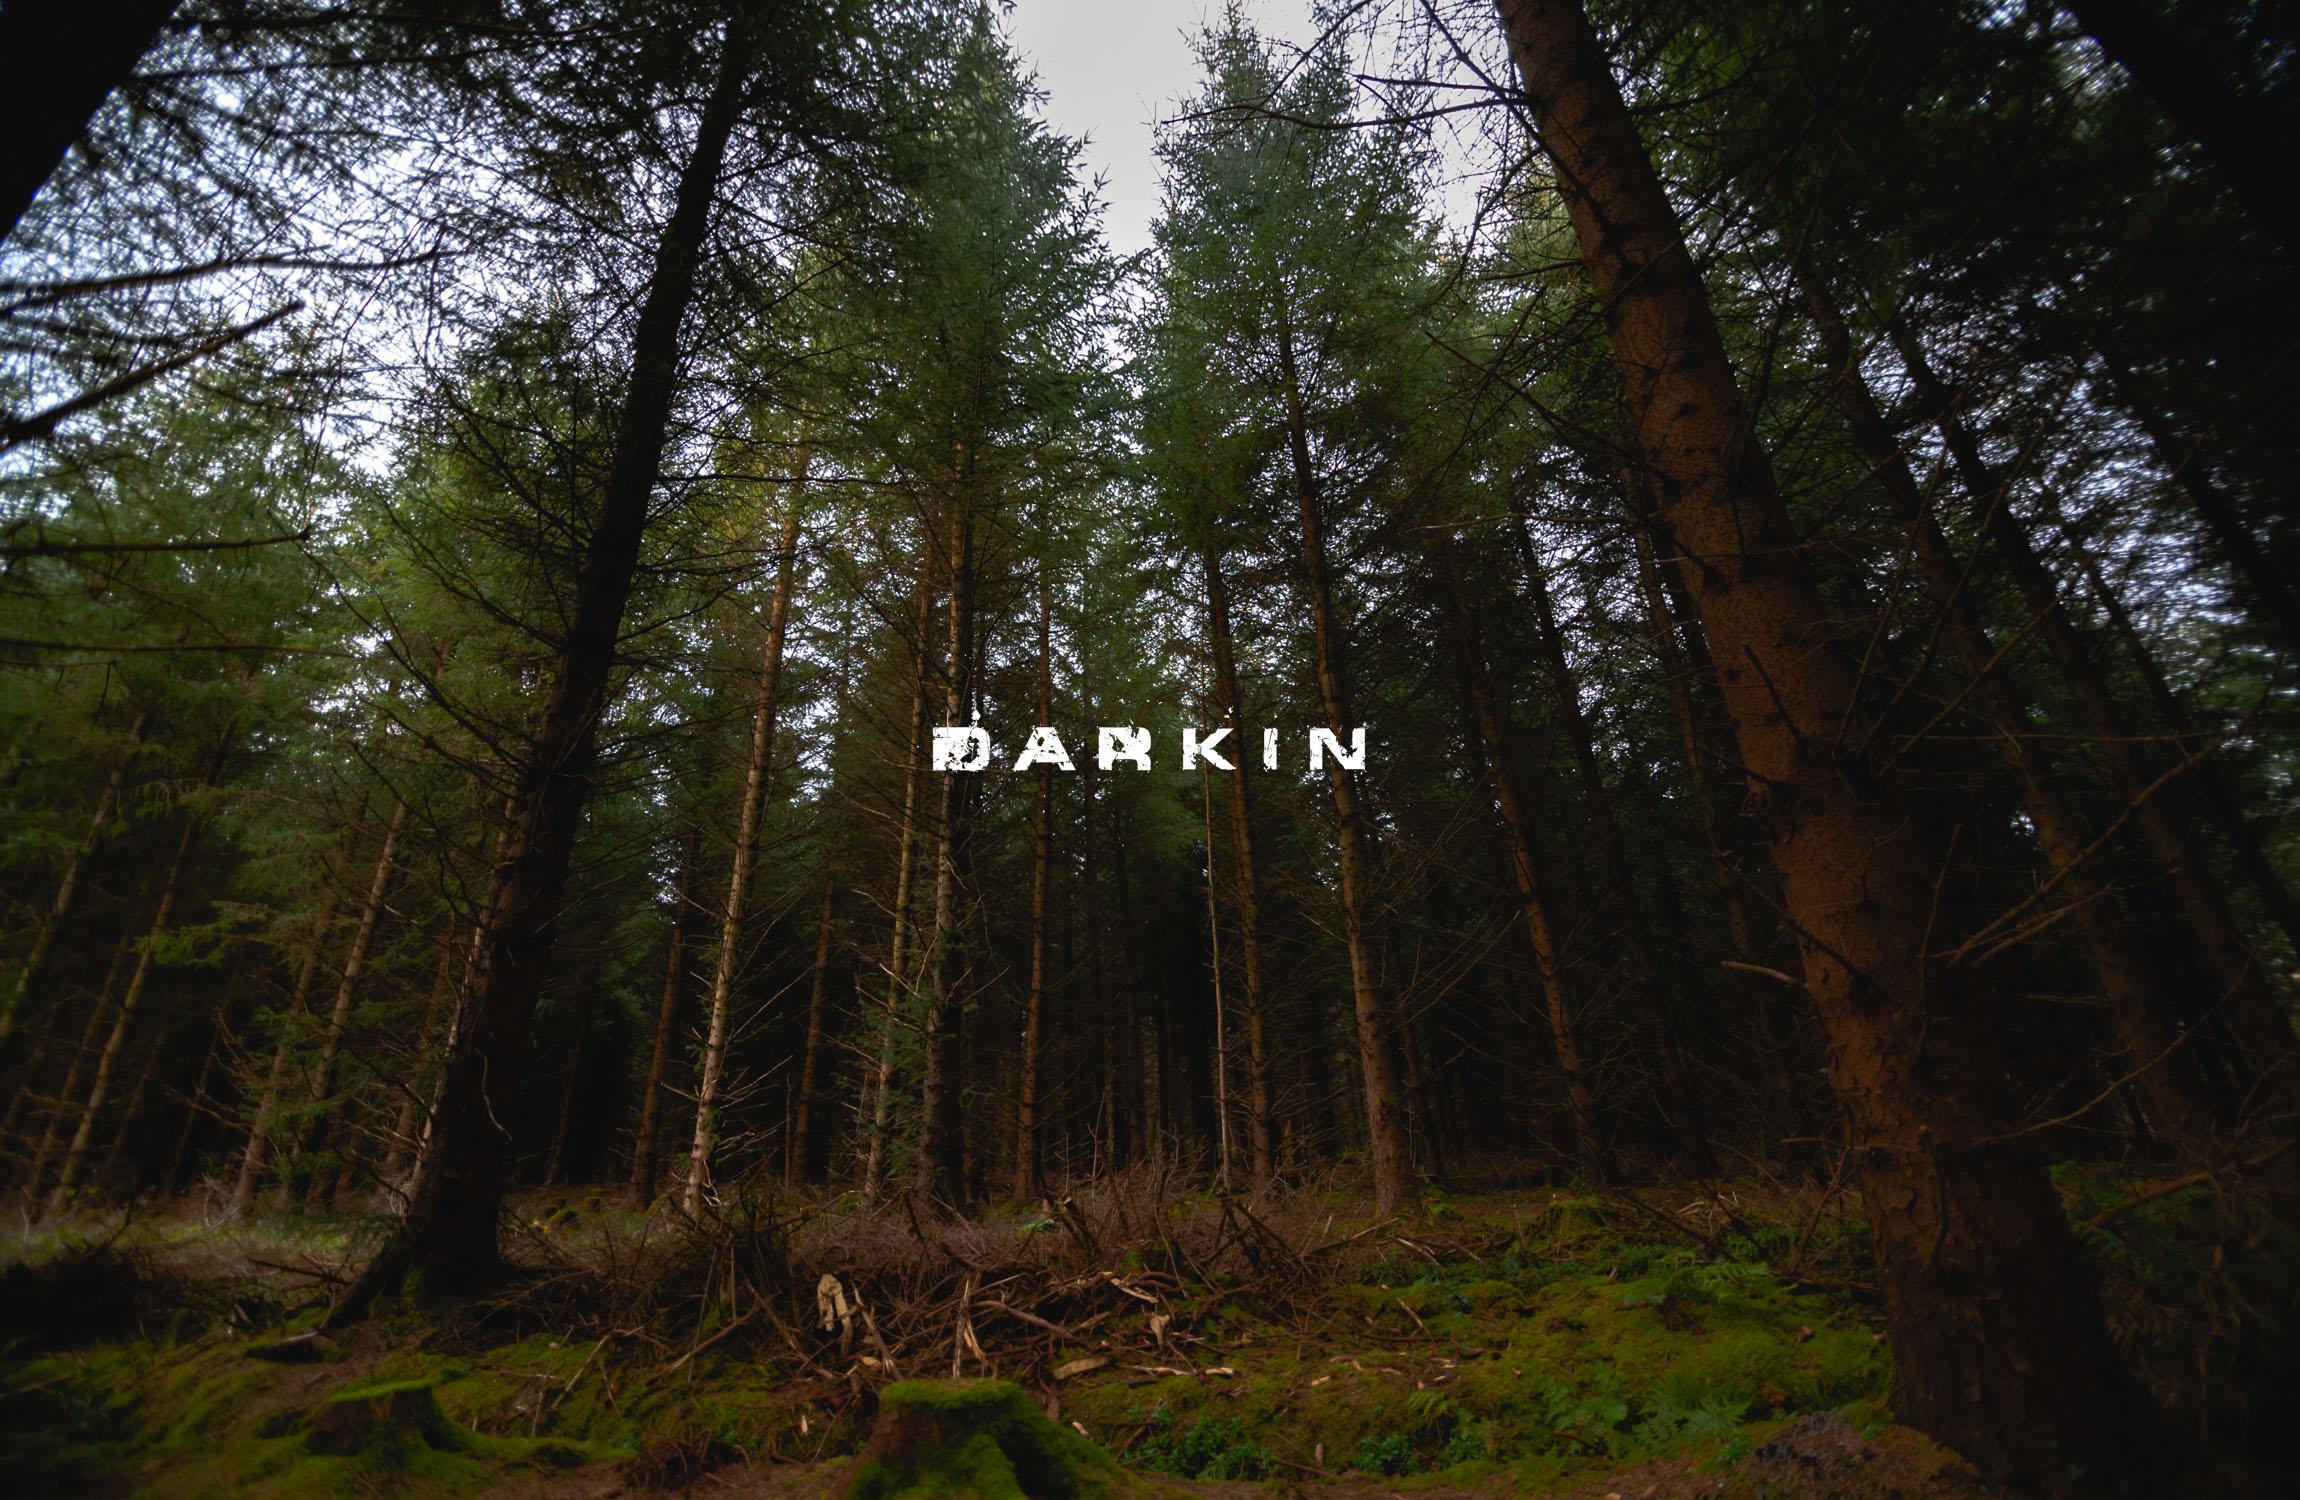 Darkin - 01